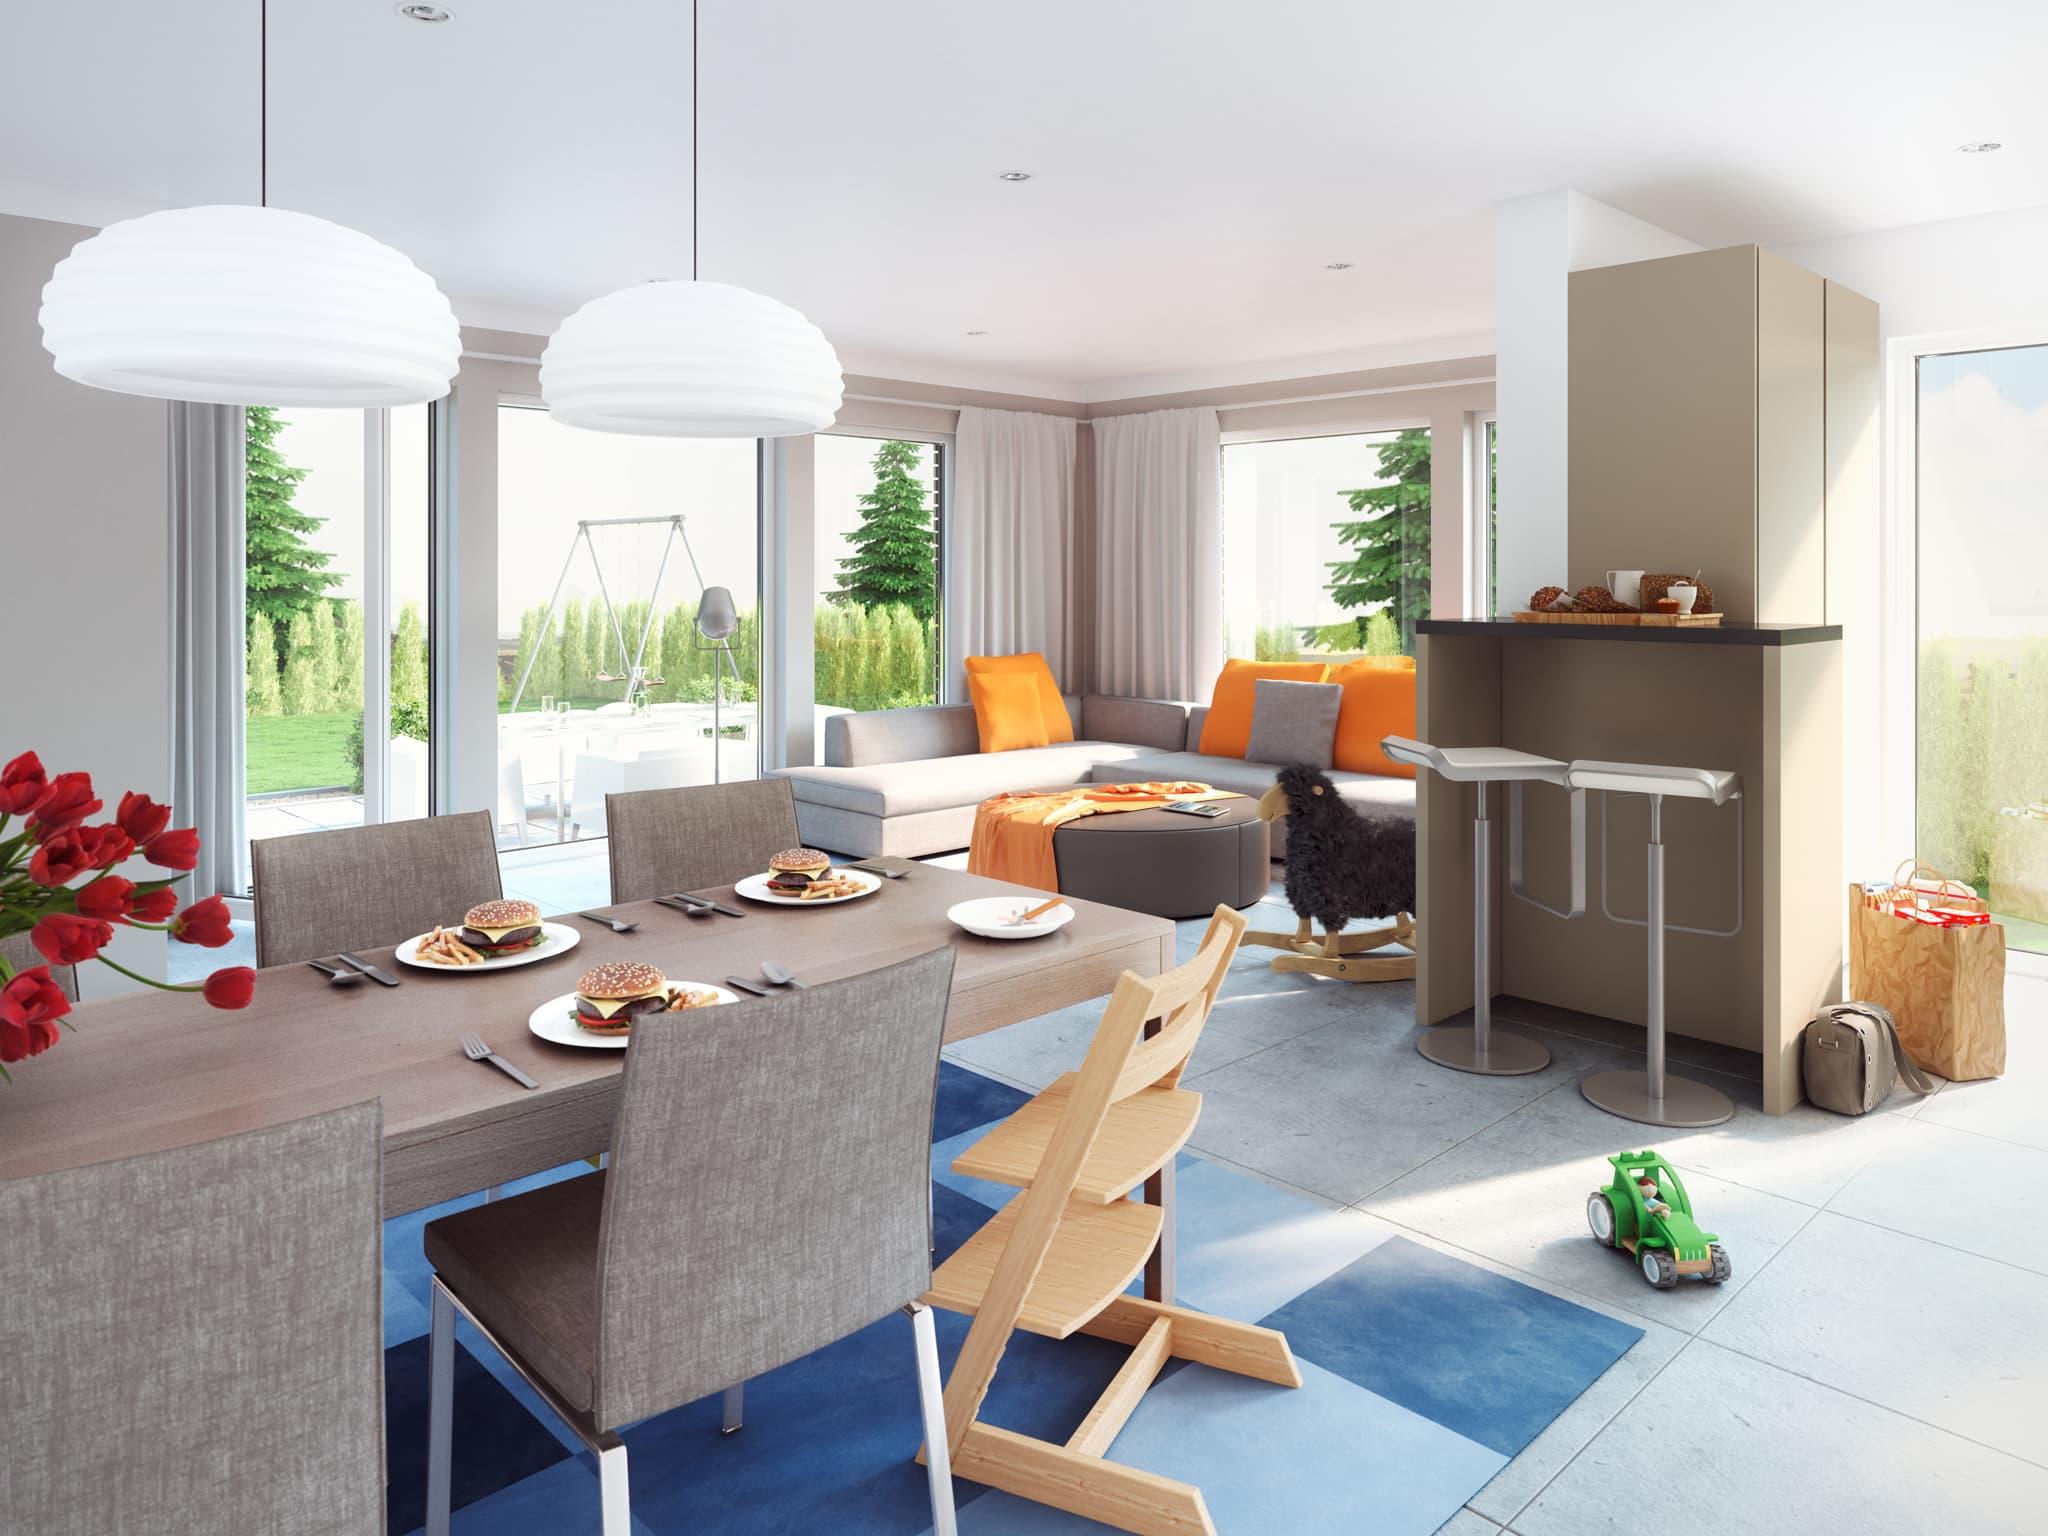 Wohn-Esszimmer modern - Ideen Inneneinrichtung Living Haus SOLUTION 183 V3 - HausbauDirekt.de